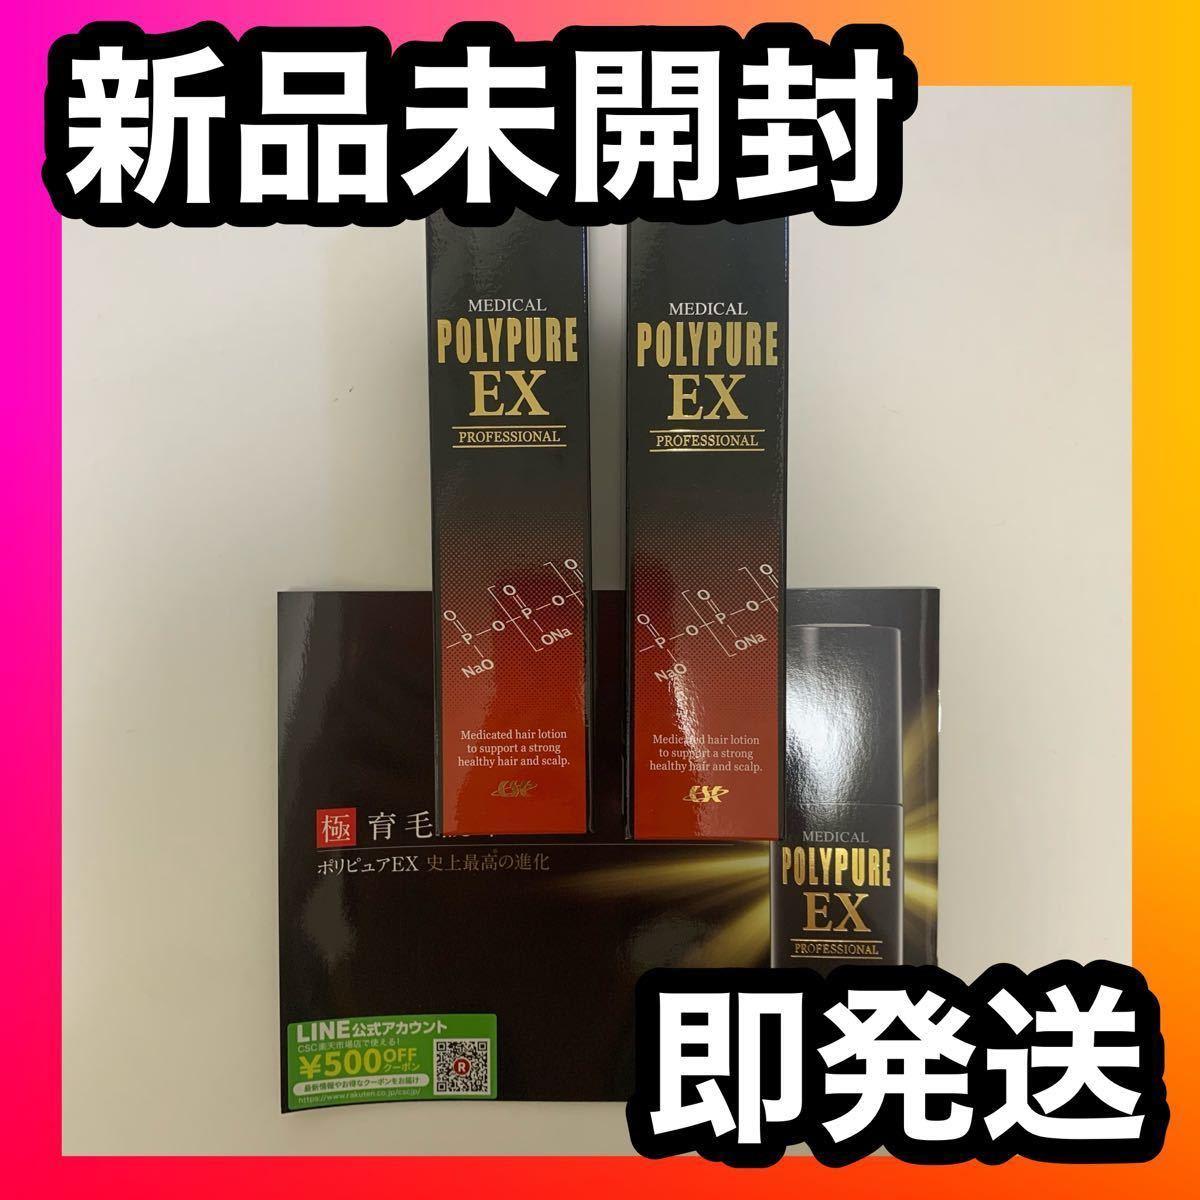 シーエスシー 薬用ポリピュアEX 120ml  2本セット+3,500円クーポン